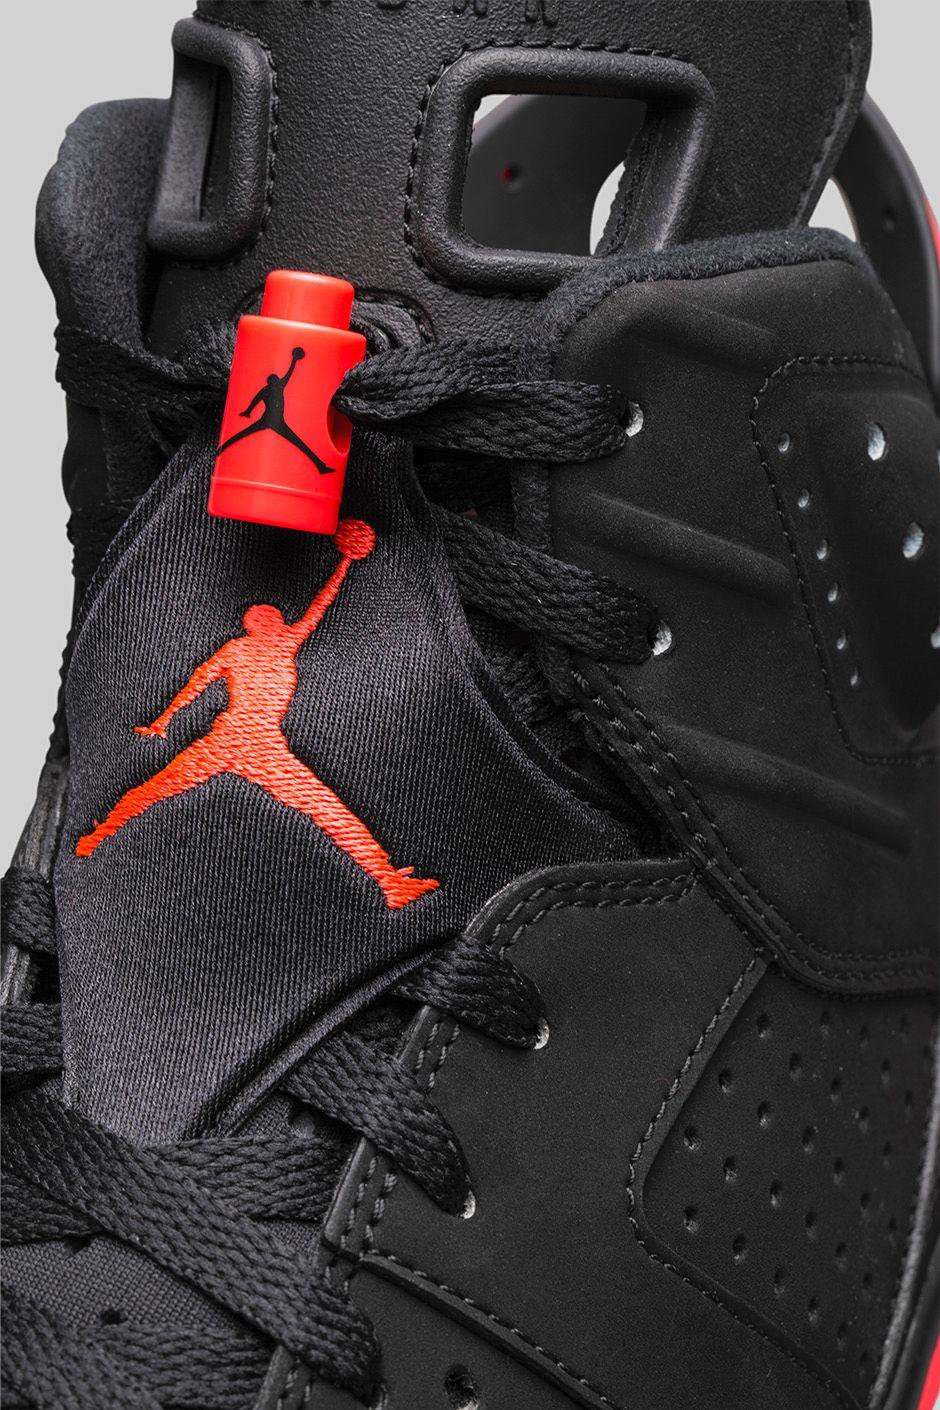 9306f4bbf82b03 FL Unlocked FL Unlocked Air Jordan 6 Retro Black Infrared 23 08. Tags - infrared  23